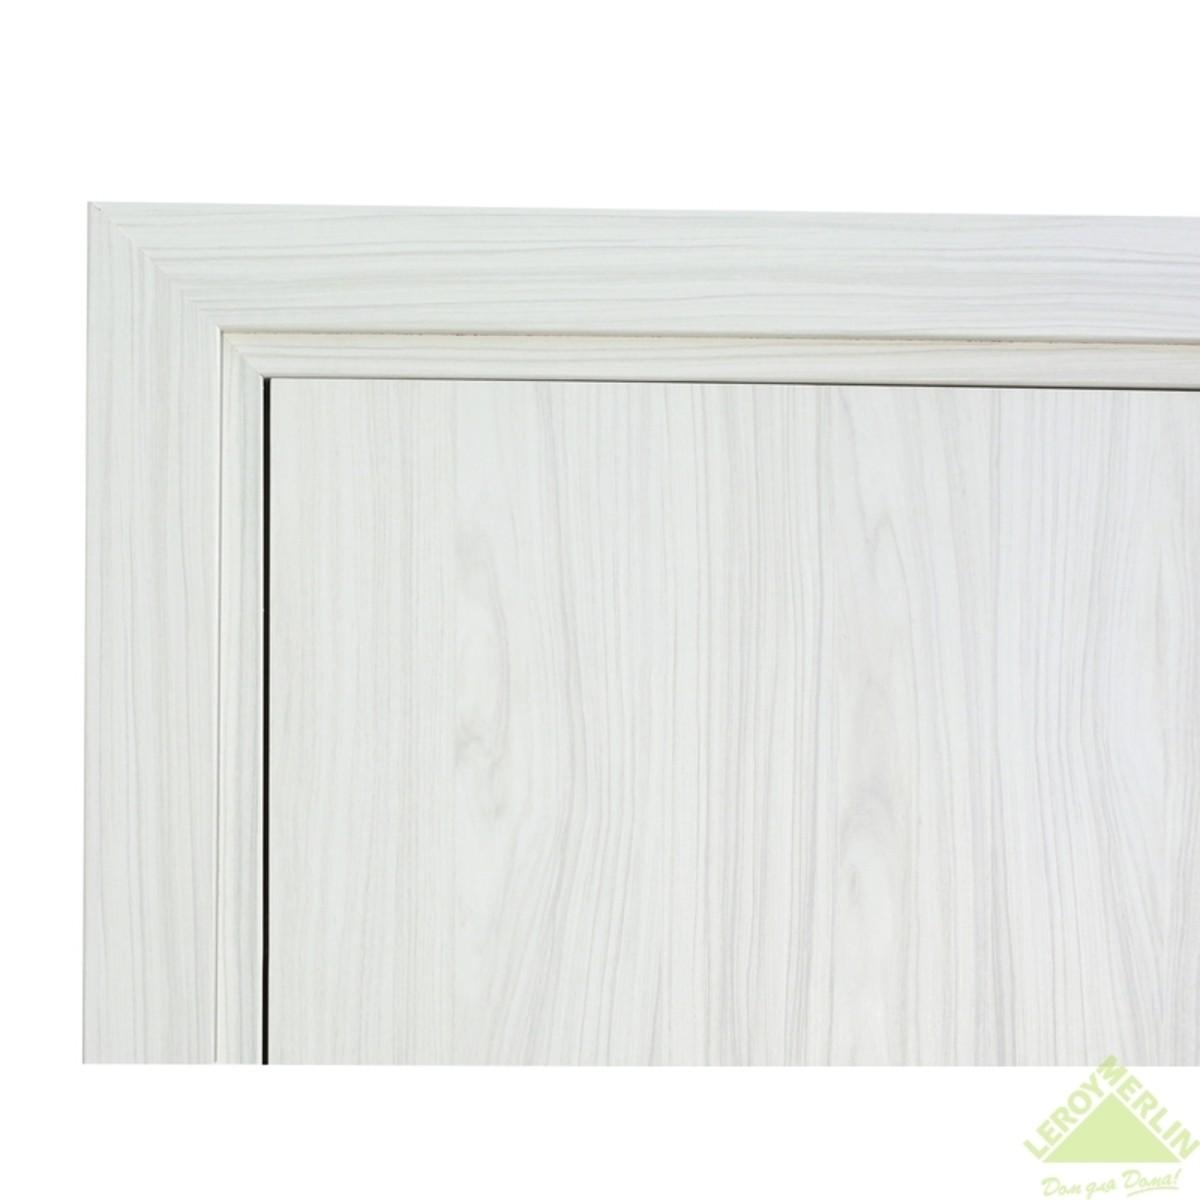 Дверь Межкомнатная Глухая Фортунато 800 900x2000 Снежный Палисандр